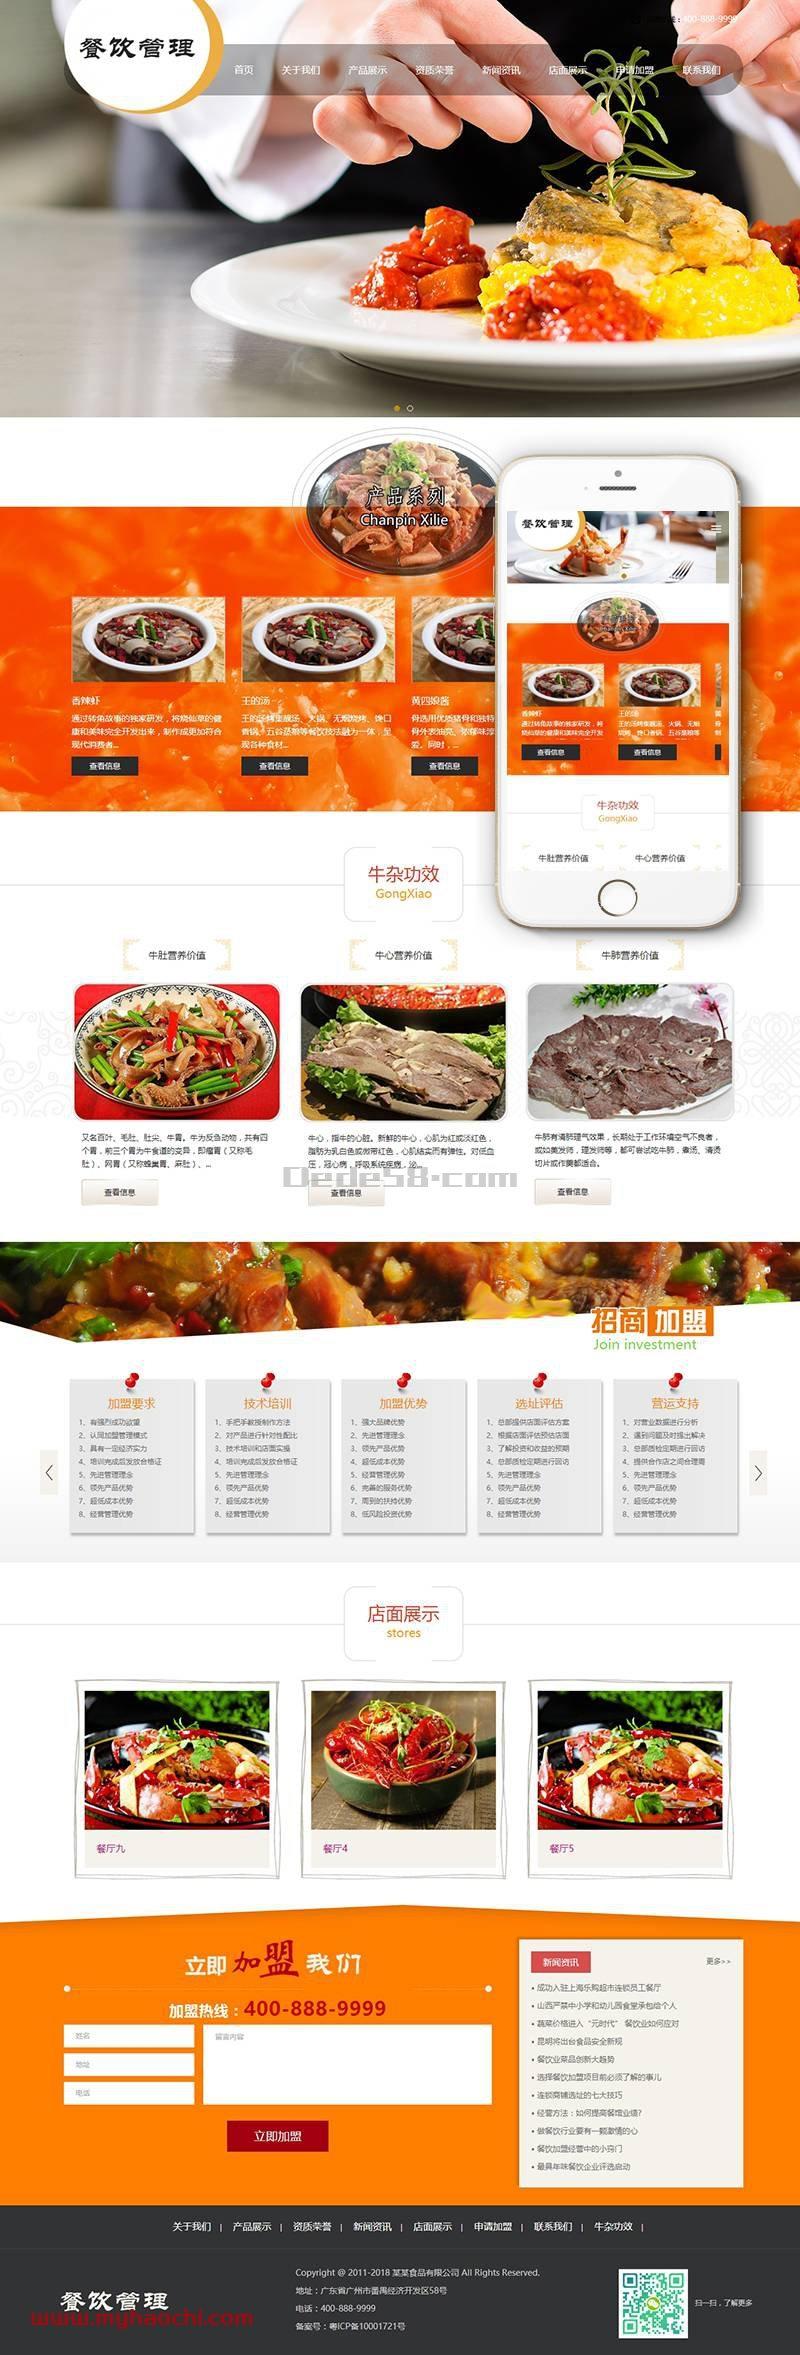 响应式餐饮牛杂小吃类网站源码 dedecms织梦模板 (带手机端)模板插件图片